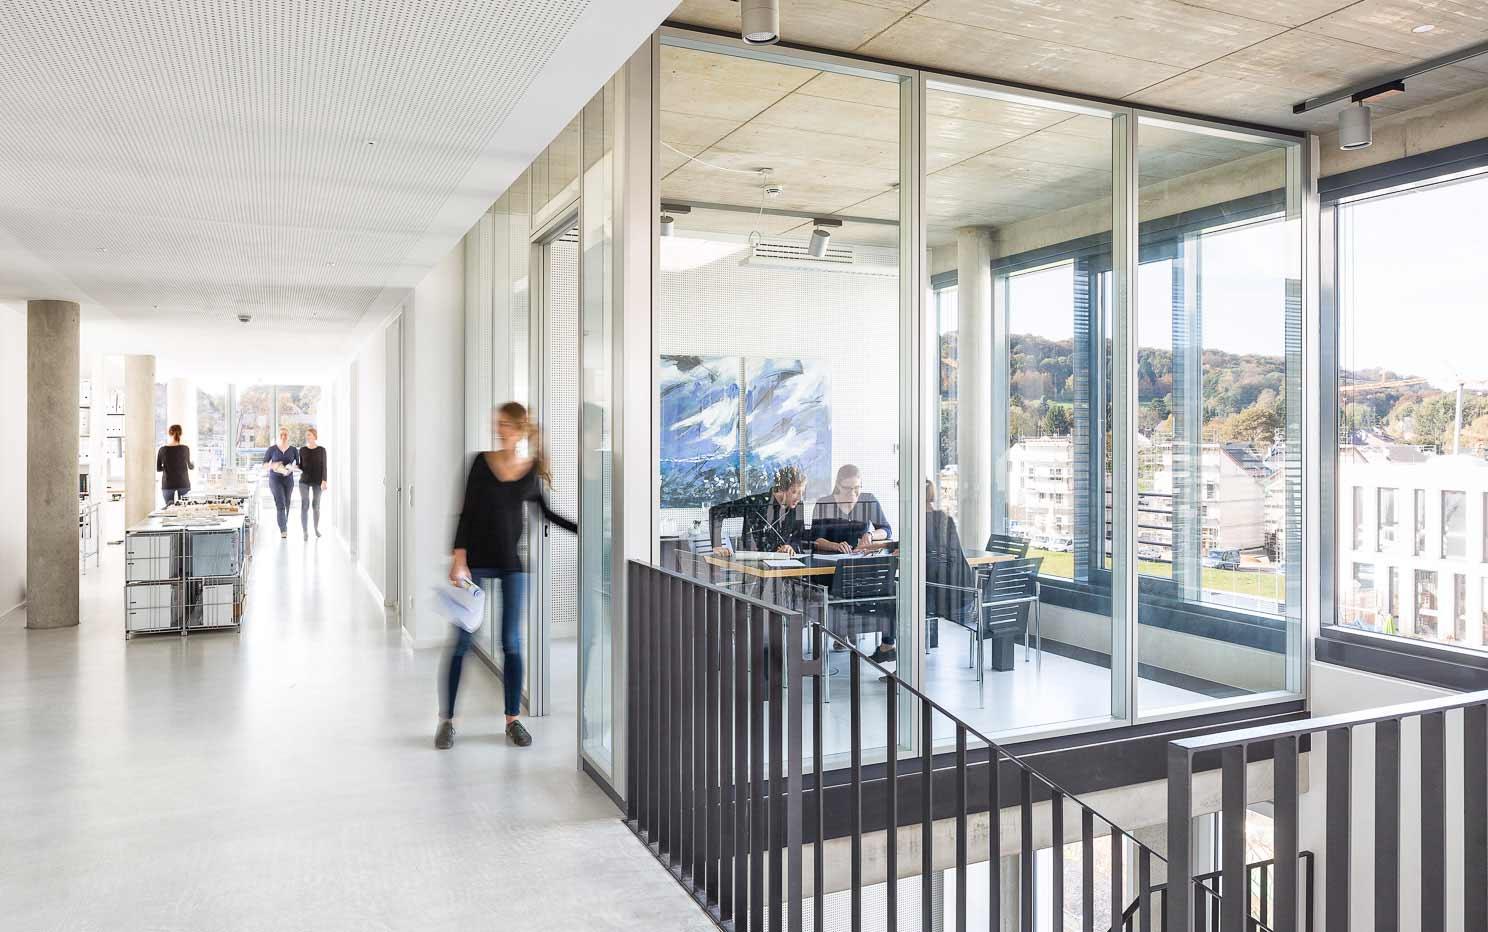 Architekten aachen excellent with architekten aachen for Studium zum architekten